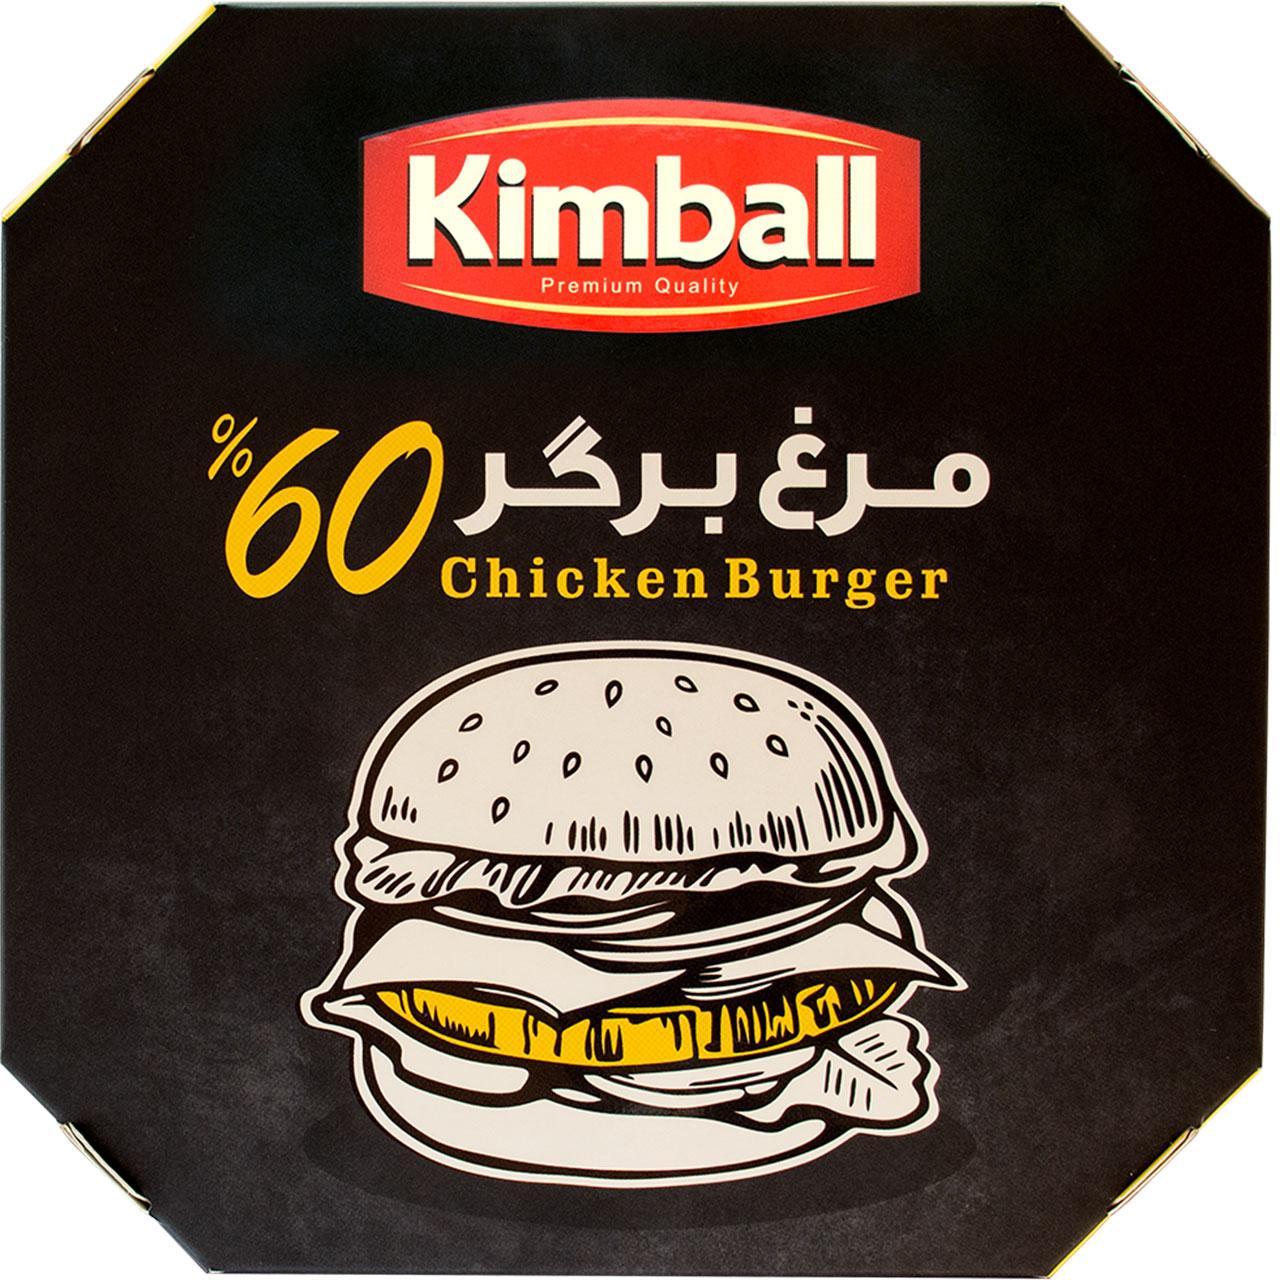 همبرگر 60 درصد گوشت مرغ کیمبال - 500 گرم